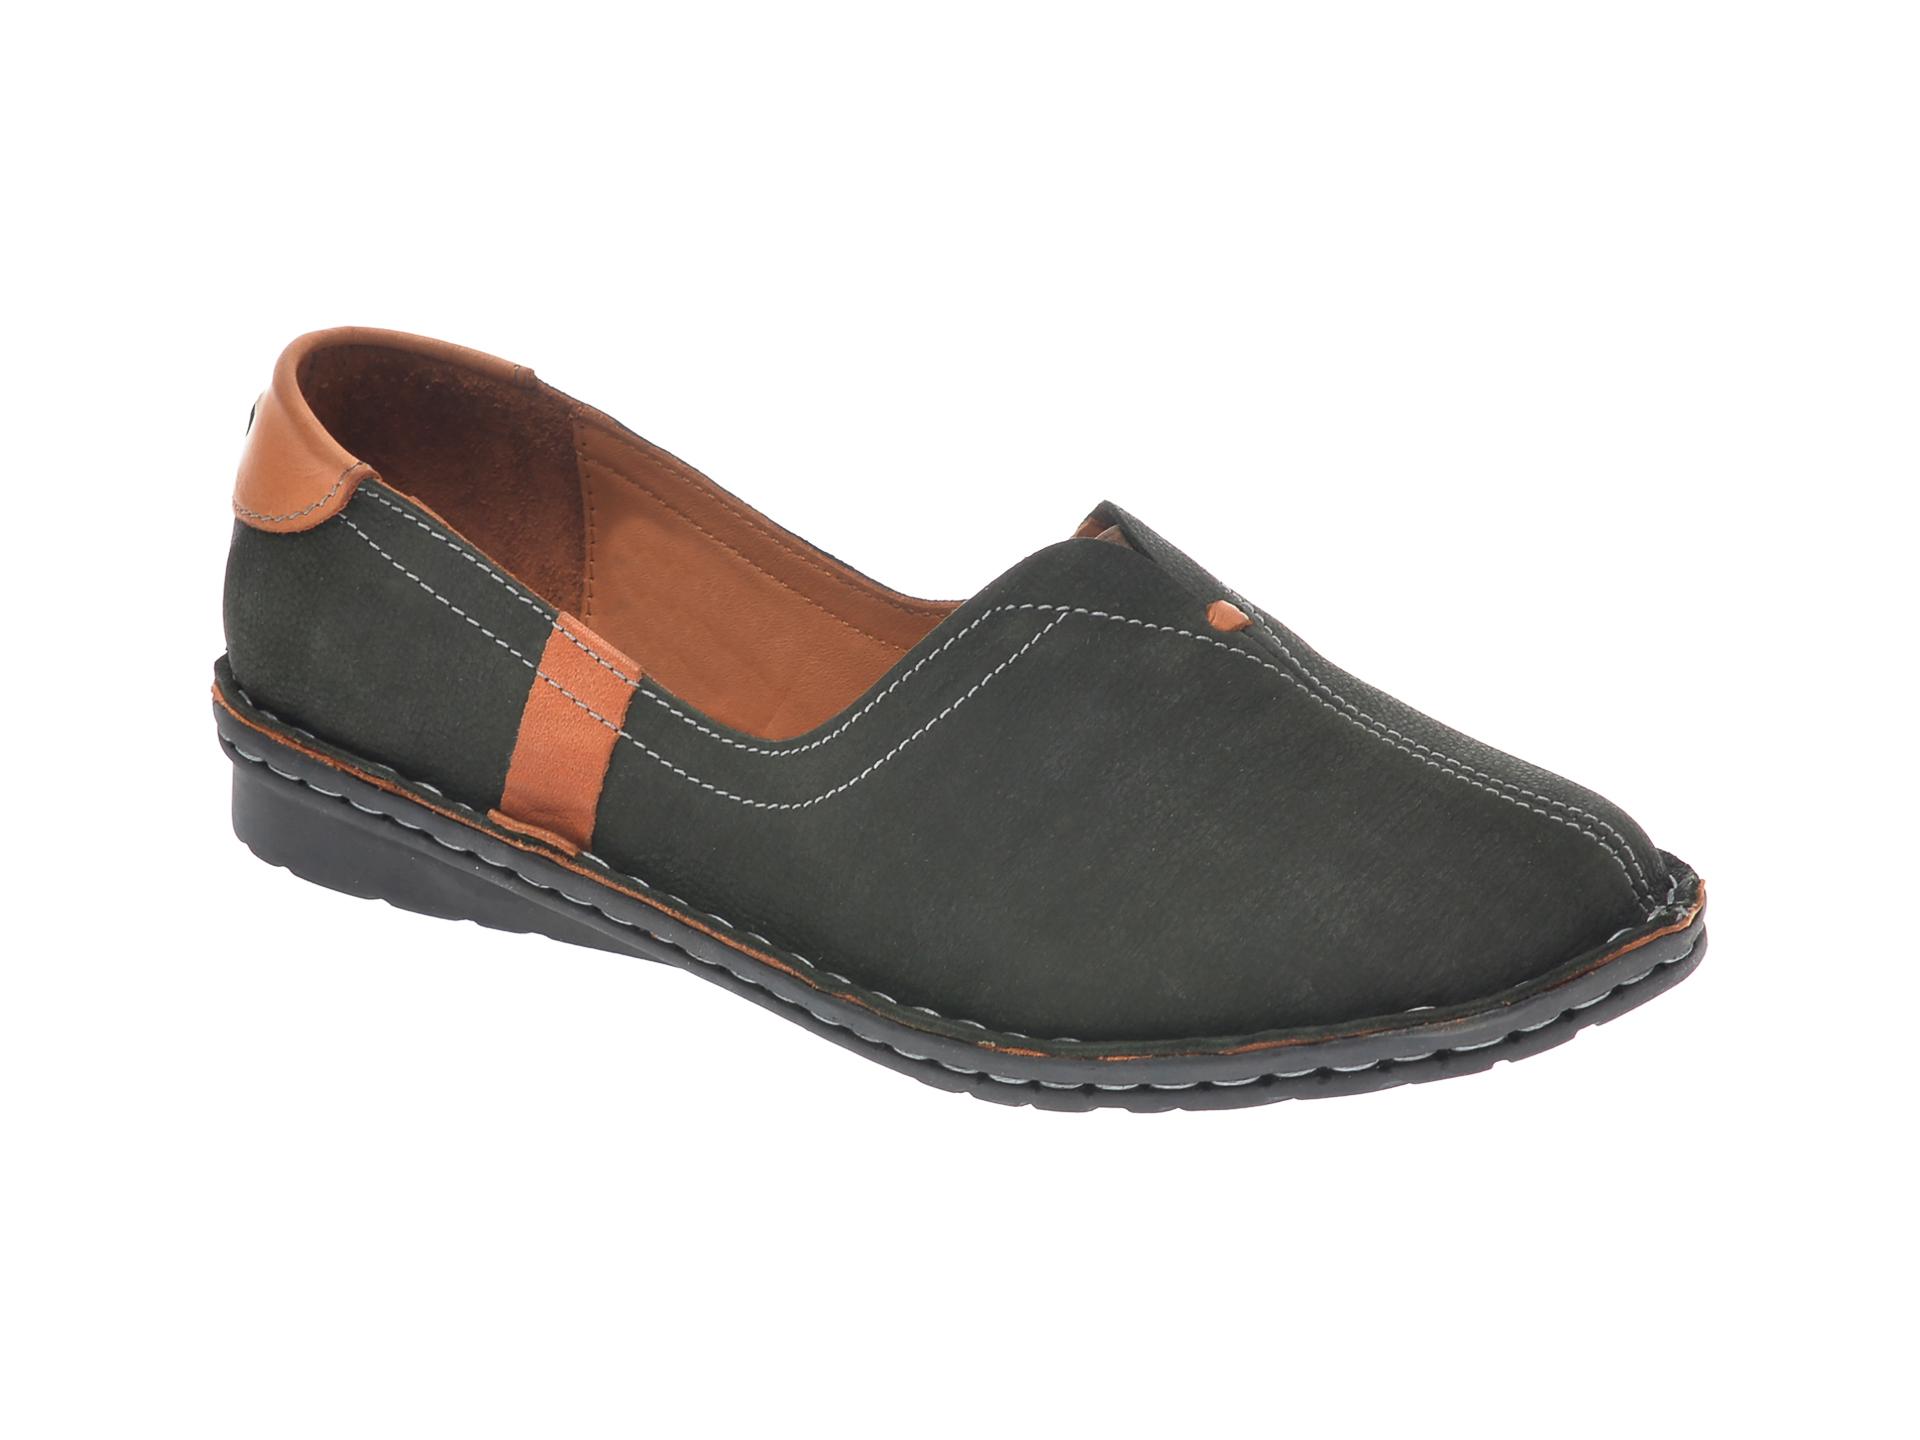 Pantofi Flavia Passini Kaki, 952405, Din Nabuc